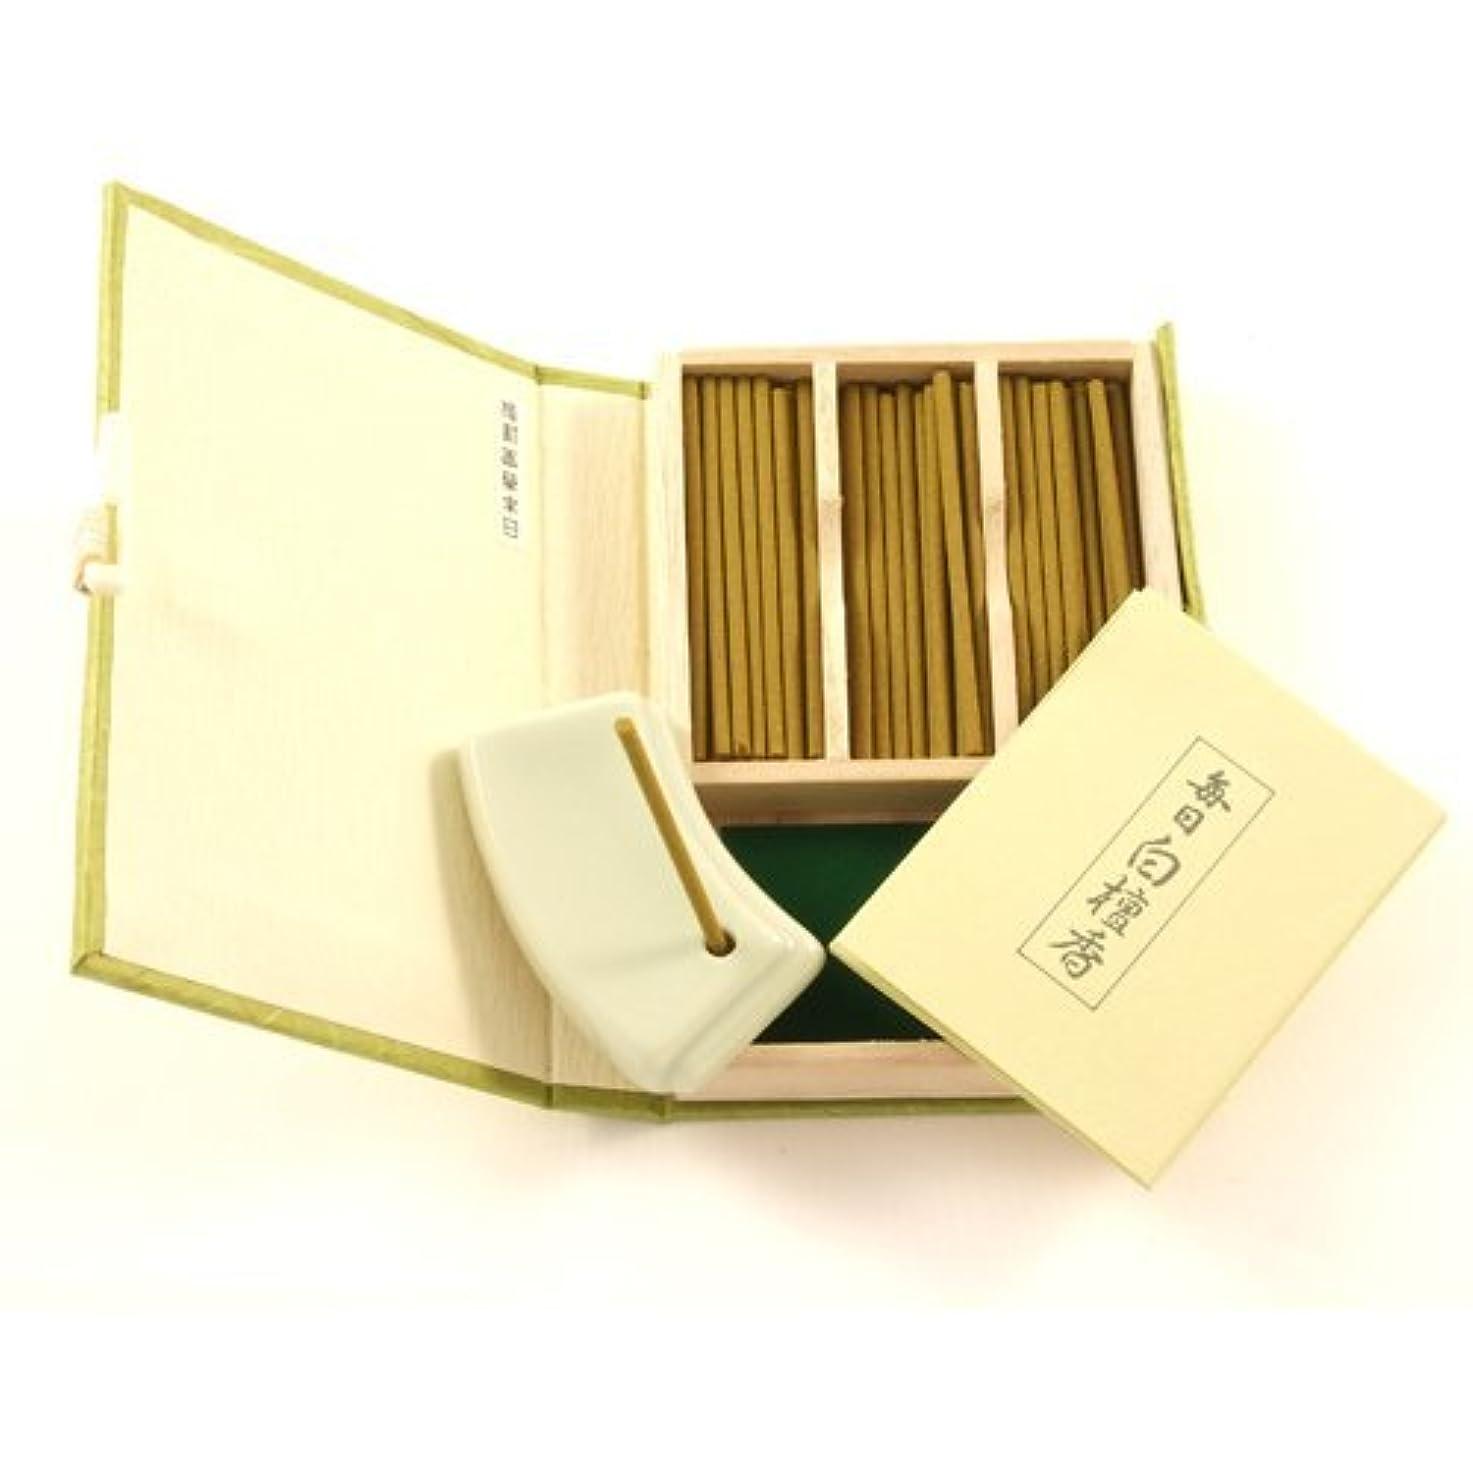 後退するハンディ行くJapanese Sandalwood Incense Gift Set Mainichi Byakudan by Nippon [並行輸入品]